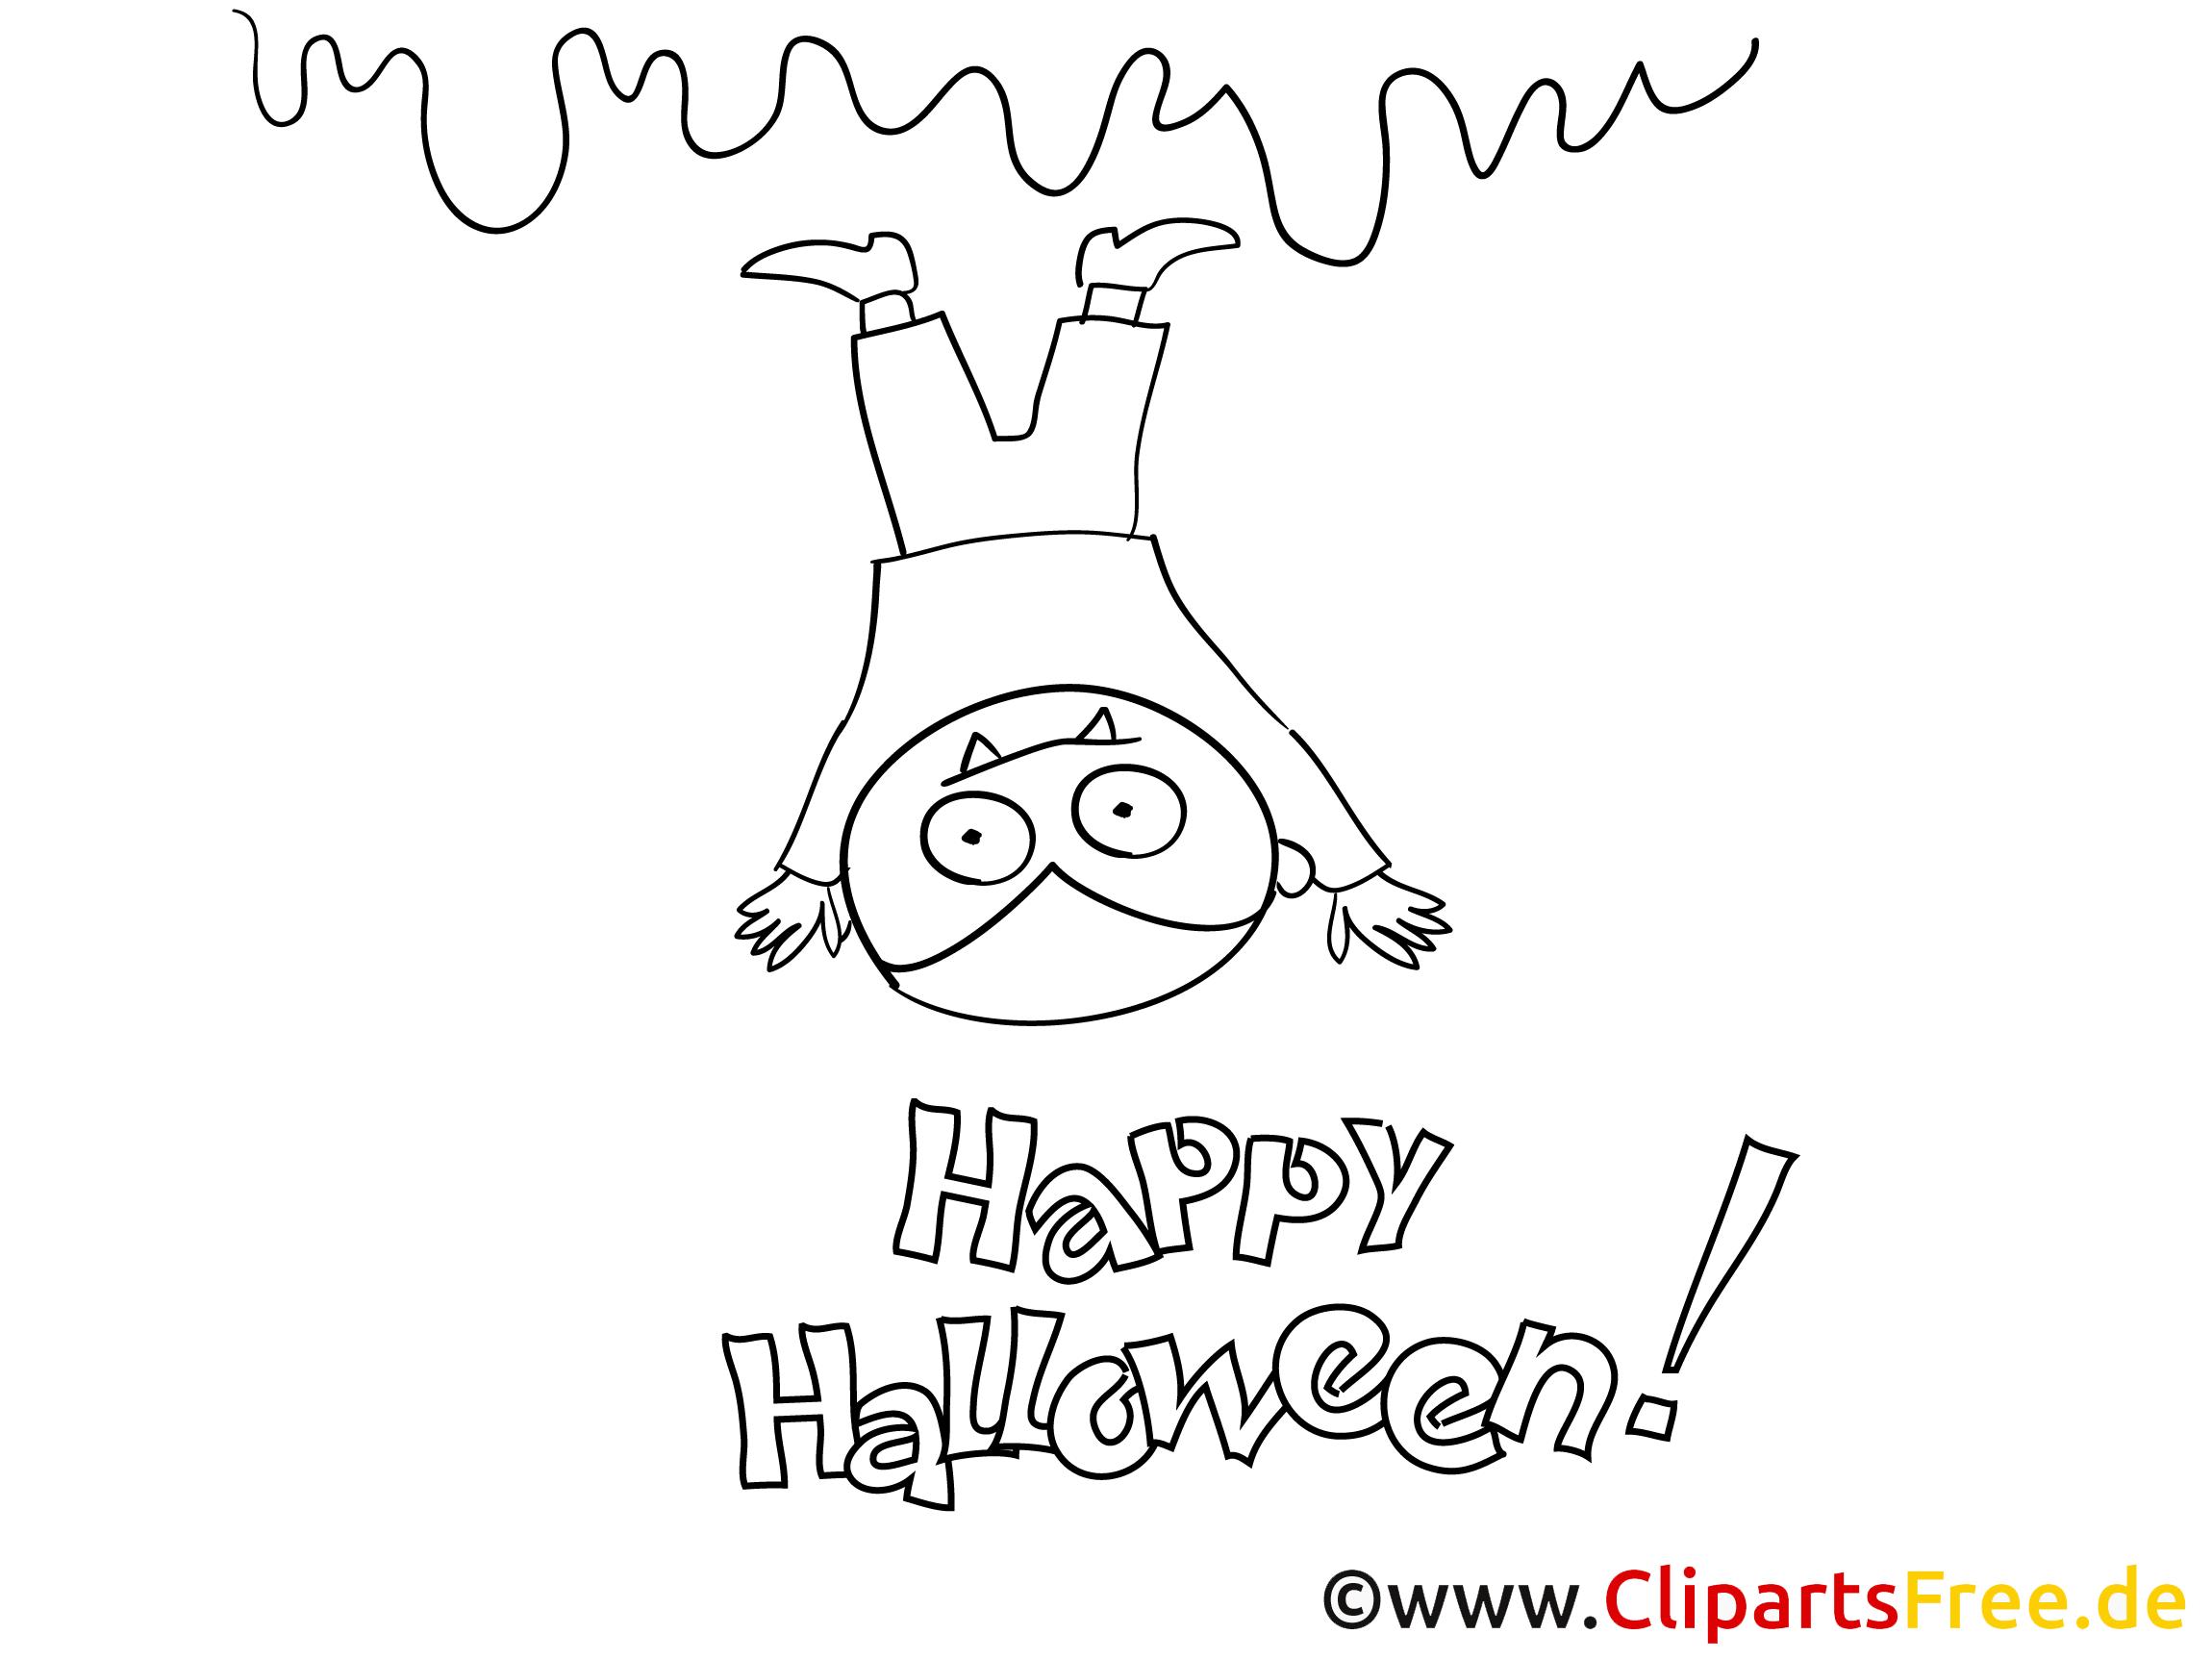 Witzige Bilder zu Halloween zum Ausmalen